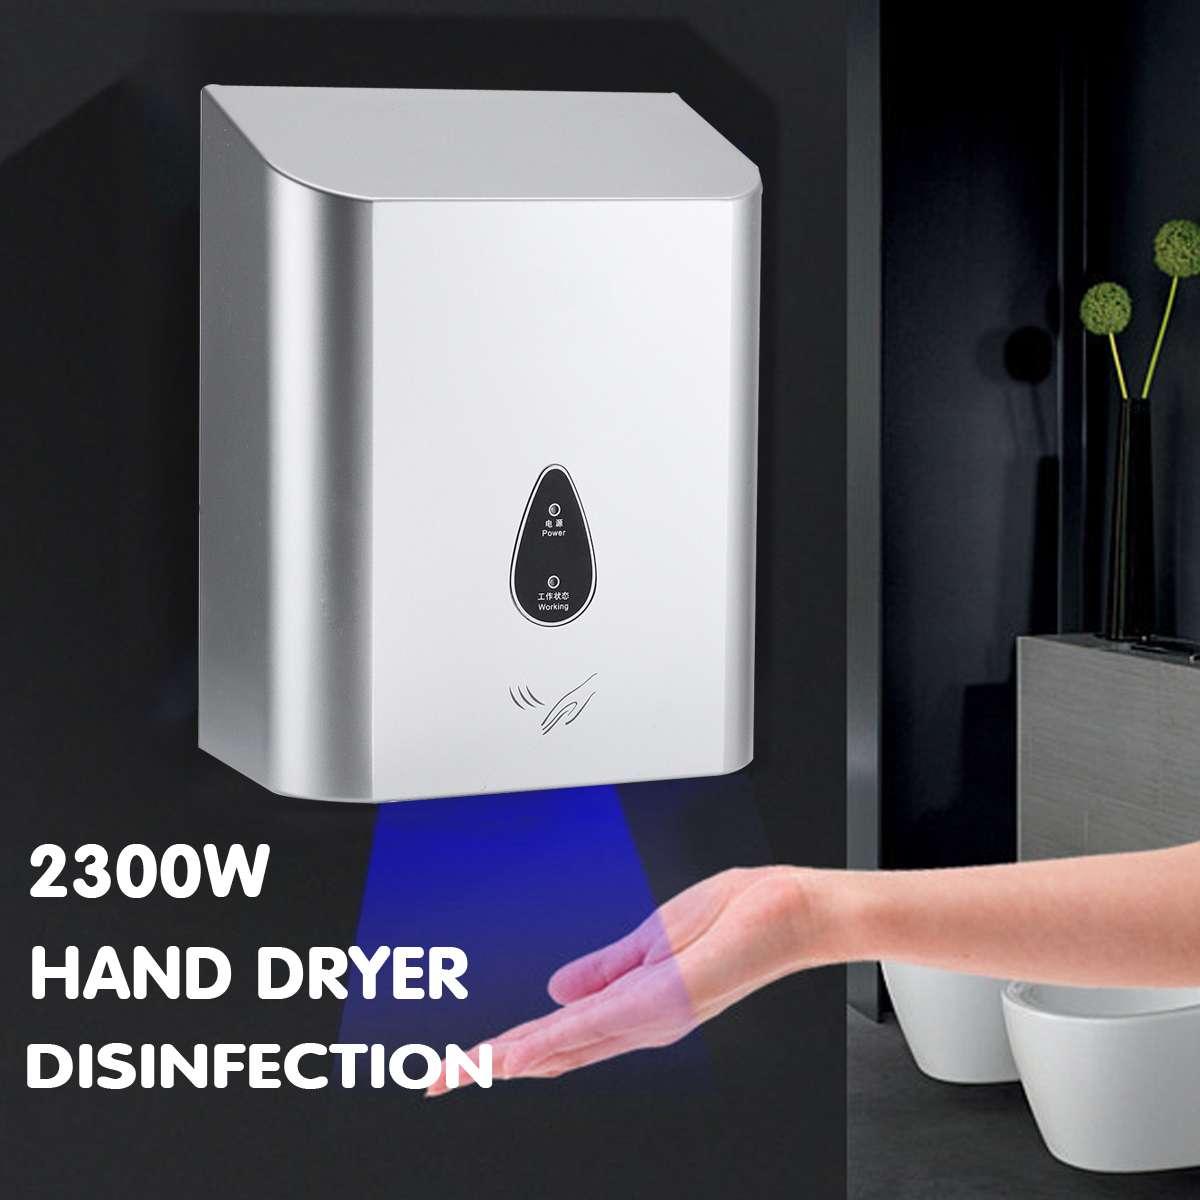 Warmtoo 2500 W 220 V de Alta Velocidade Elétrico Mão-de Dispositivo para secar as mãos Secador de Mão Do Sensor Infravermelho Automático Cheio Casa de Banho Quente vento do Ventilador de ar